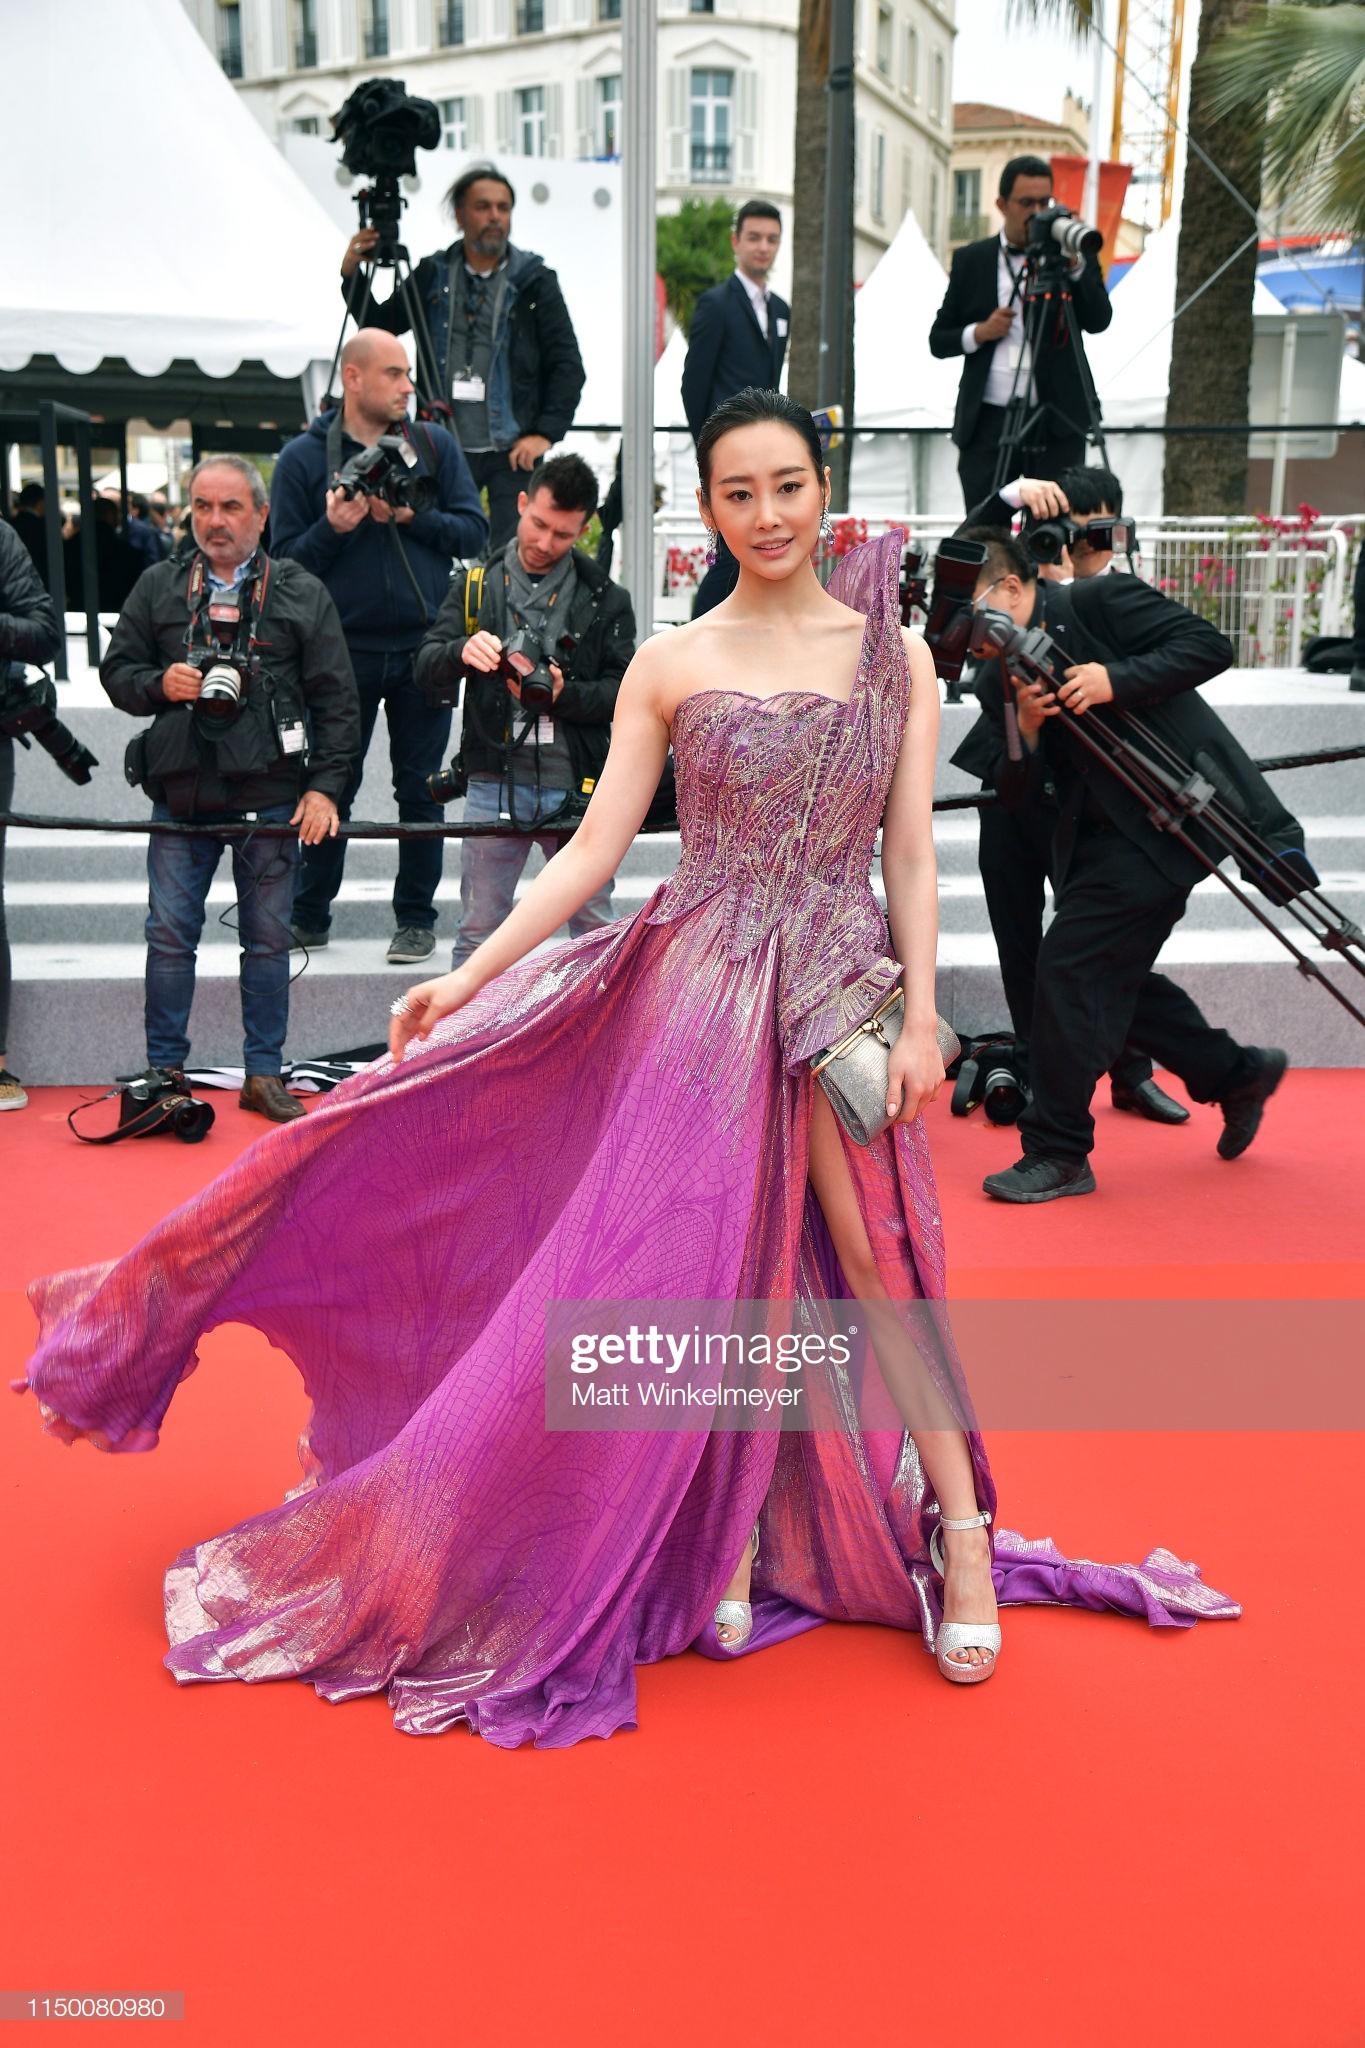 Thảm đỏ Cannes nhường spotlight cho Nick Jonas cung phụng Hoa hậu, Sui He gây sốc như không mặc gì - Ảnh 20.